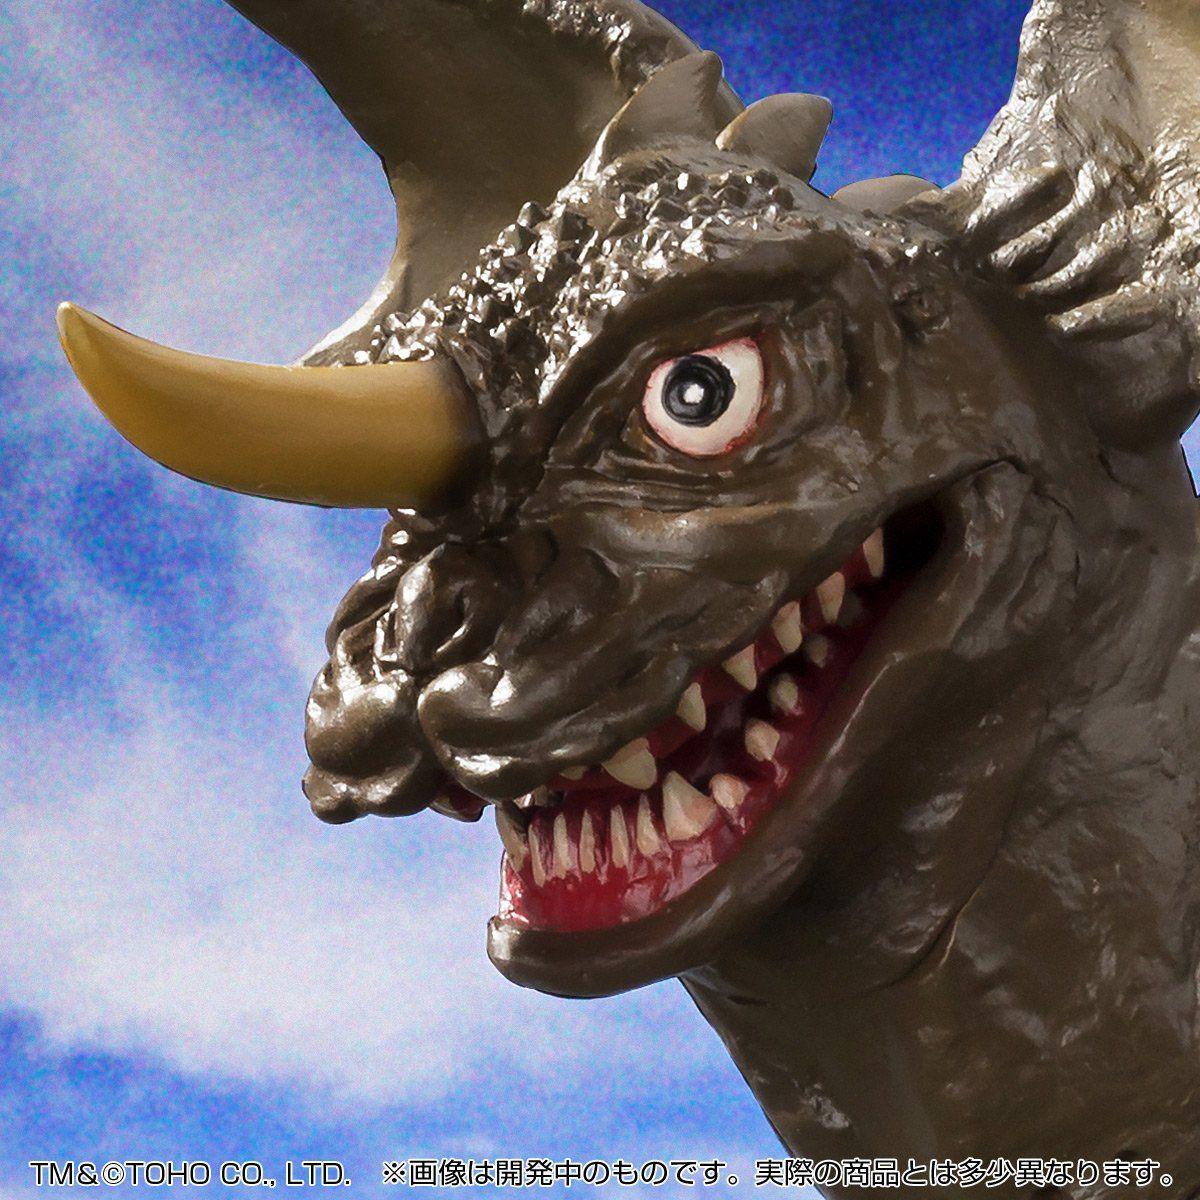 怪獣番外地『地底怪獣バラゴン』ソフビ フィギュア-003